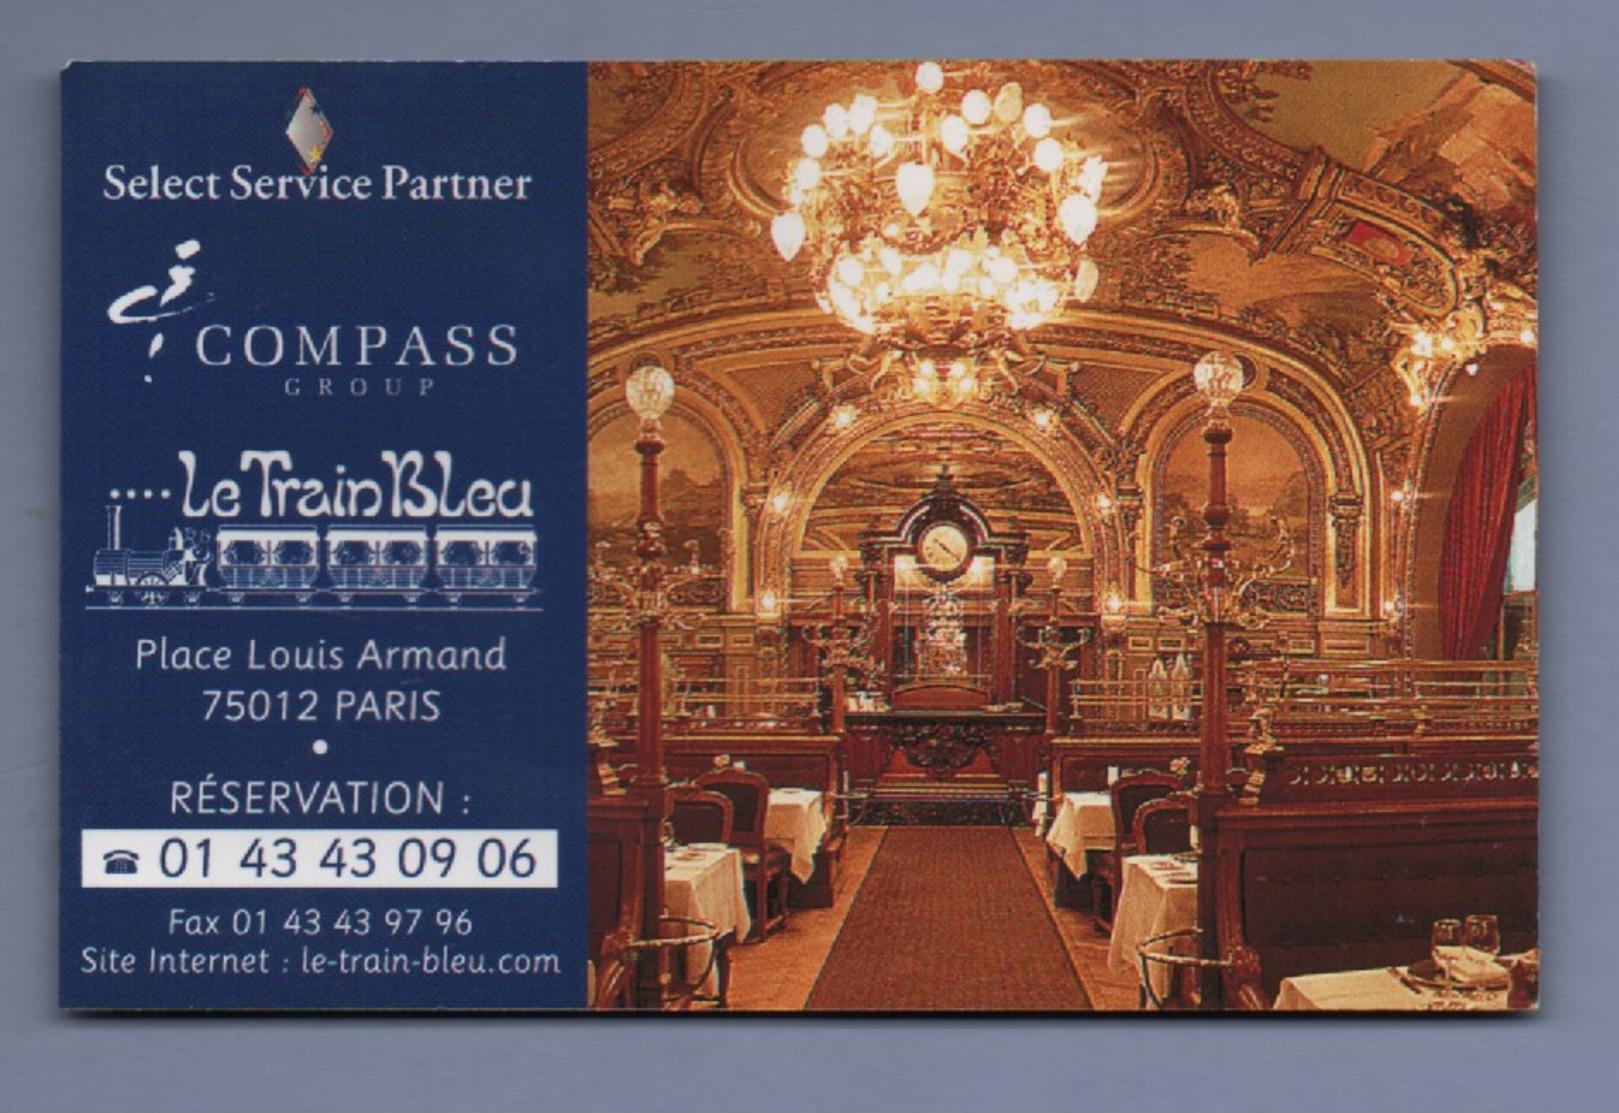 RESTAURANT LE TRAIN BLEU 75012 PARIS - CARTE DE VISITE *015* - Visiting Cards